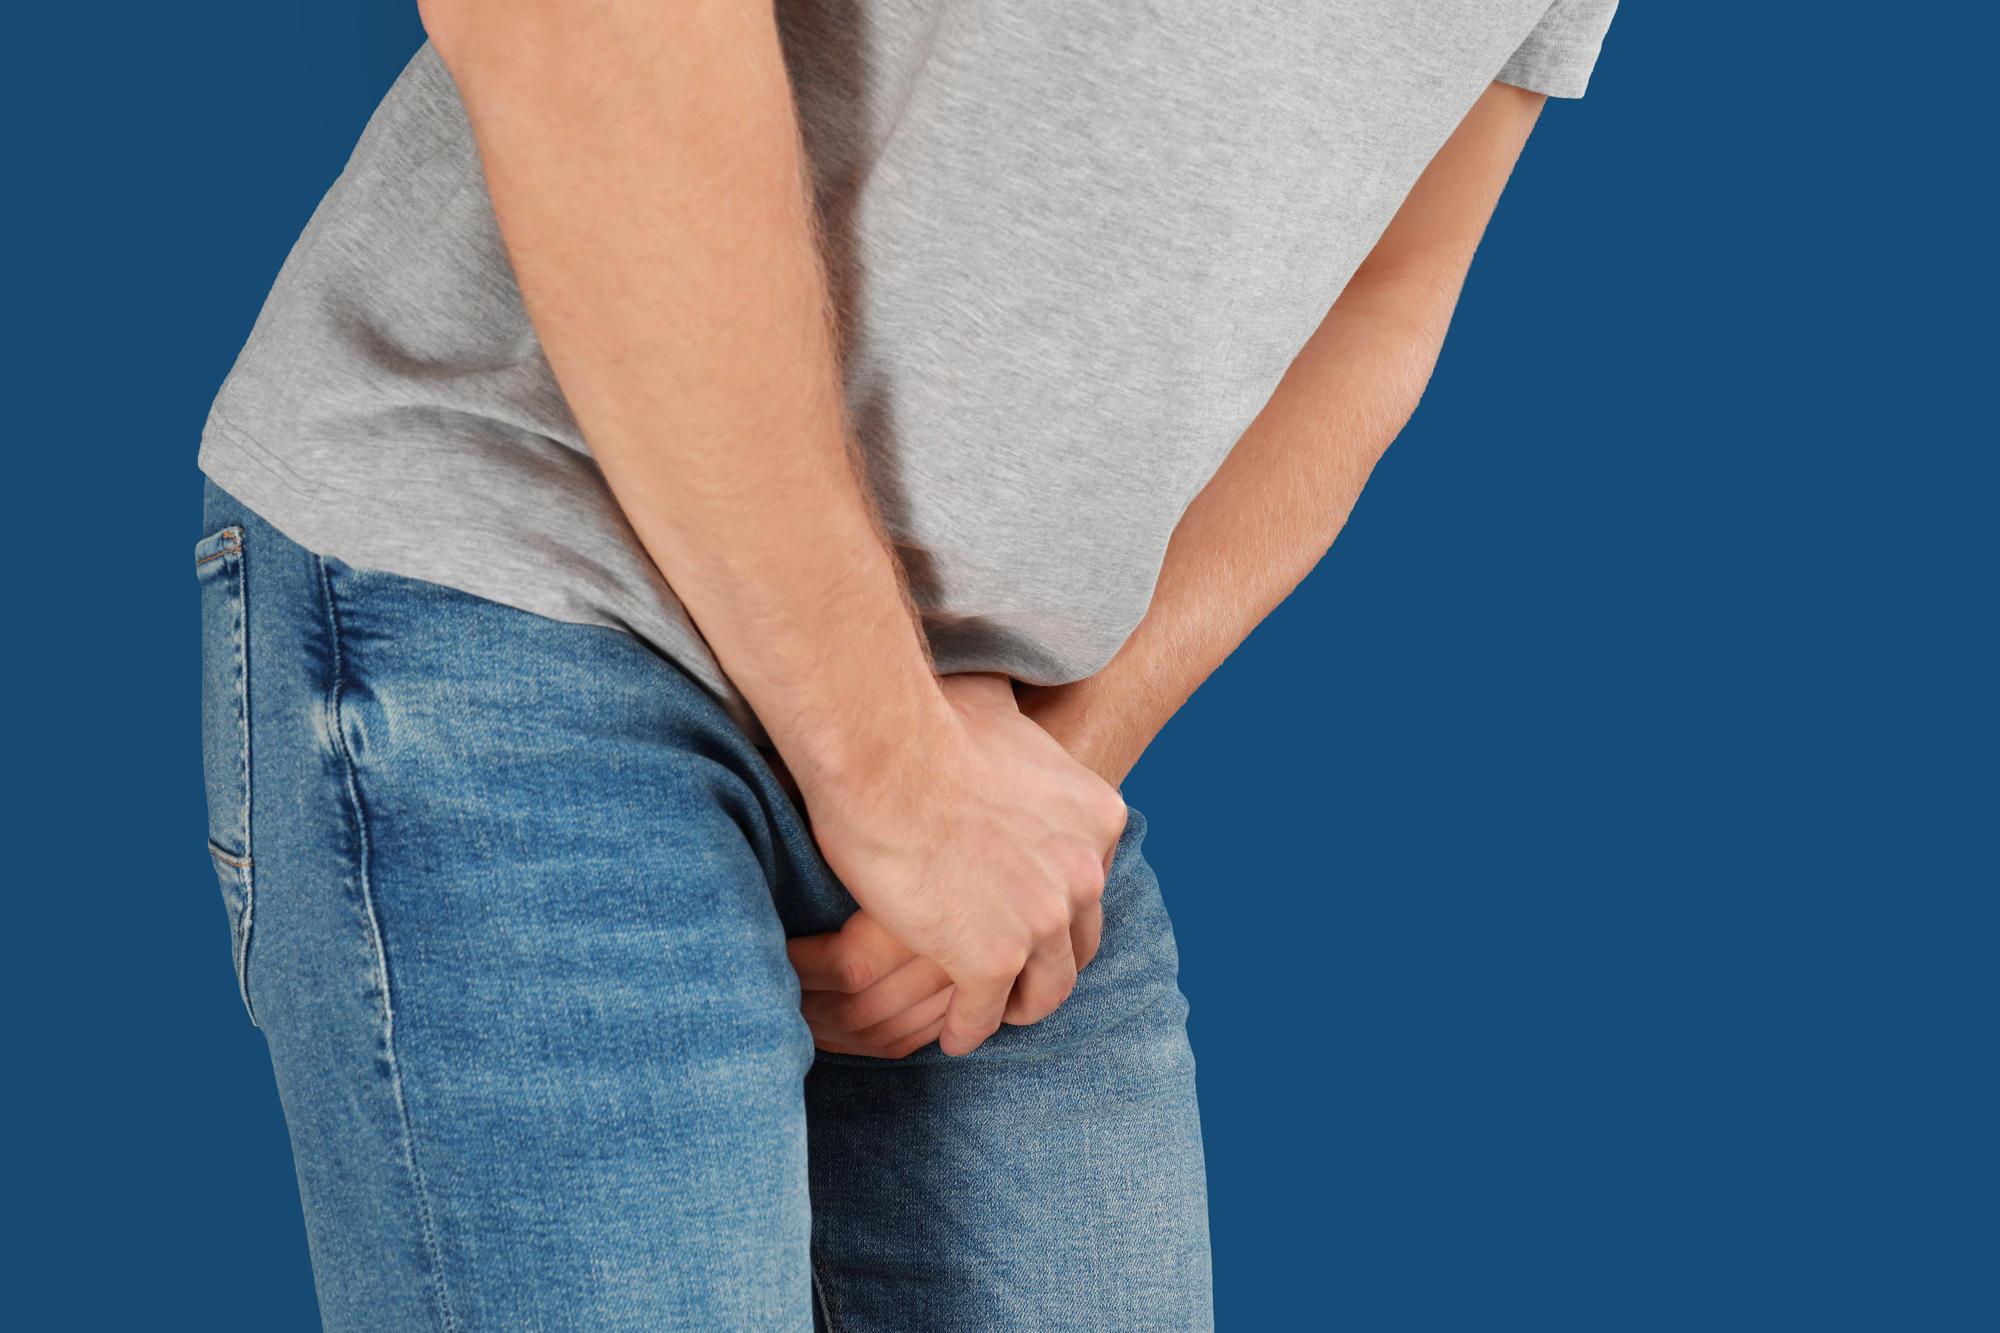 Уролог с Донетчины рассказал как проходит обрезание